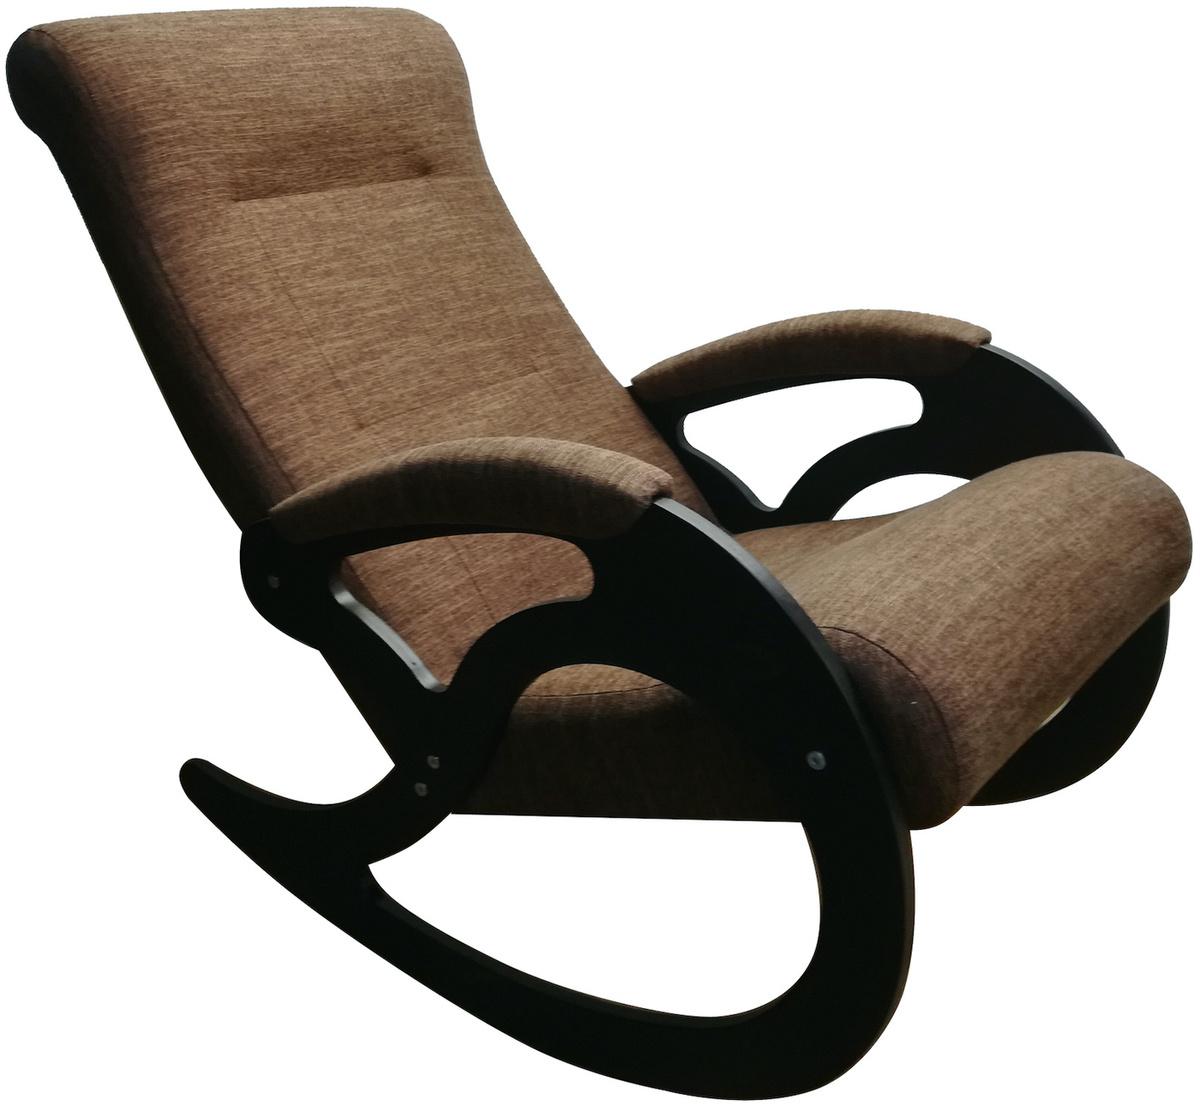 Кресло-качалка Венера Бинго, 55х100х80 см #1